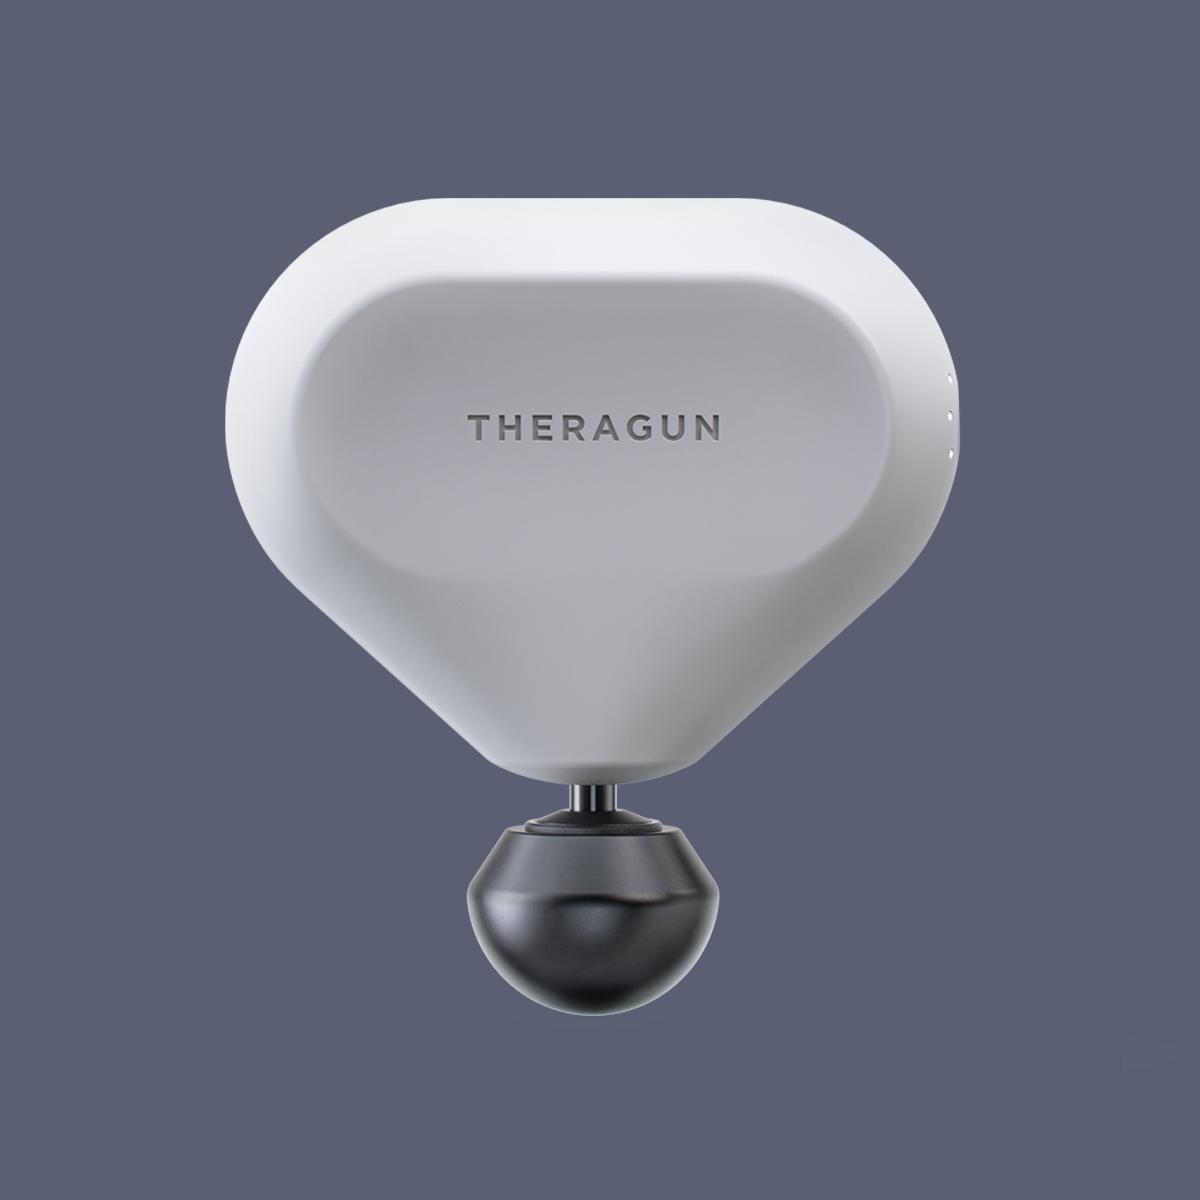 Theragun_Mini-White-Front_(1.0.0)